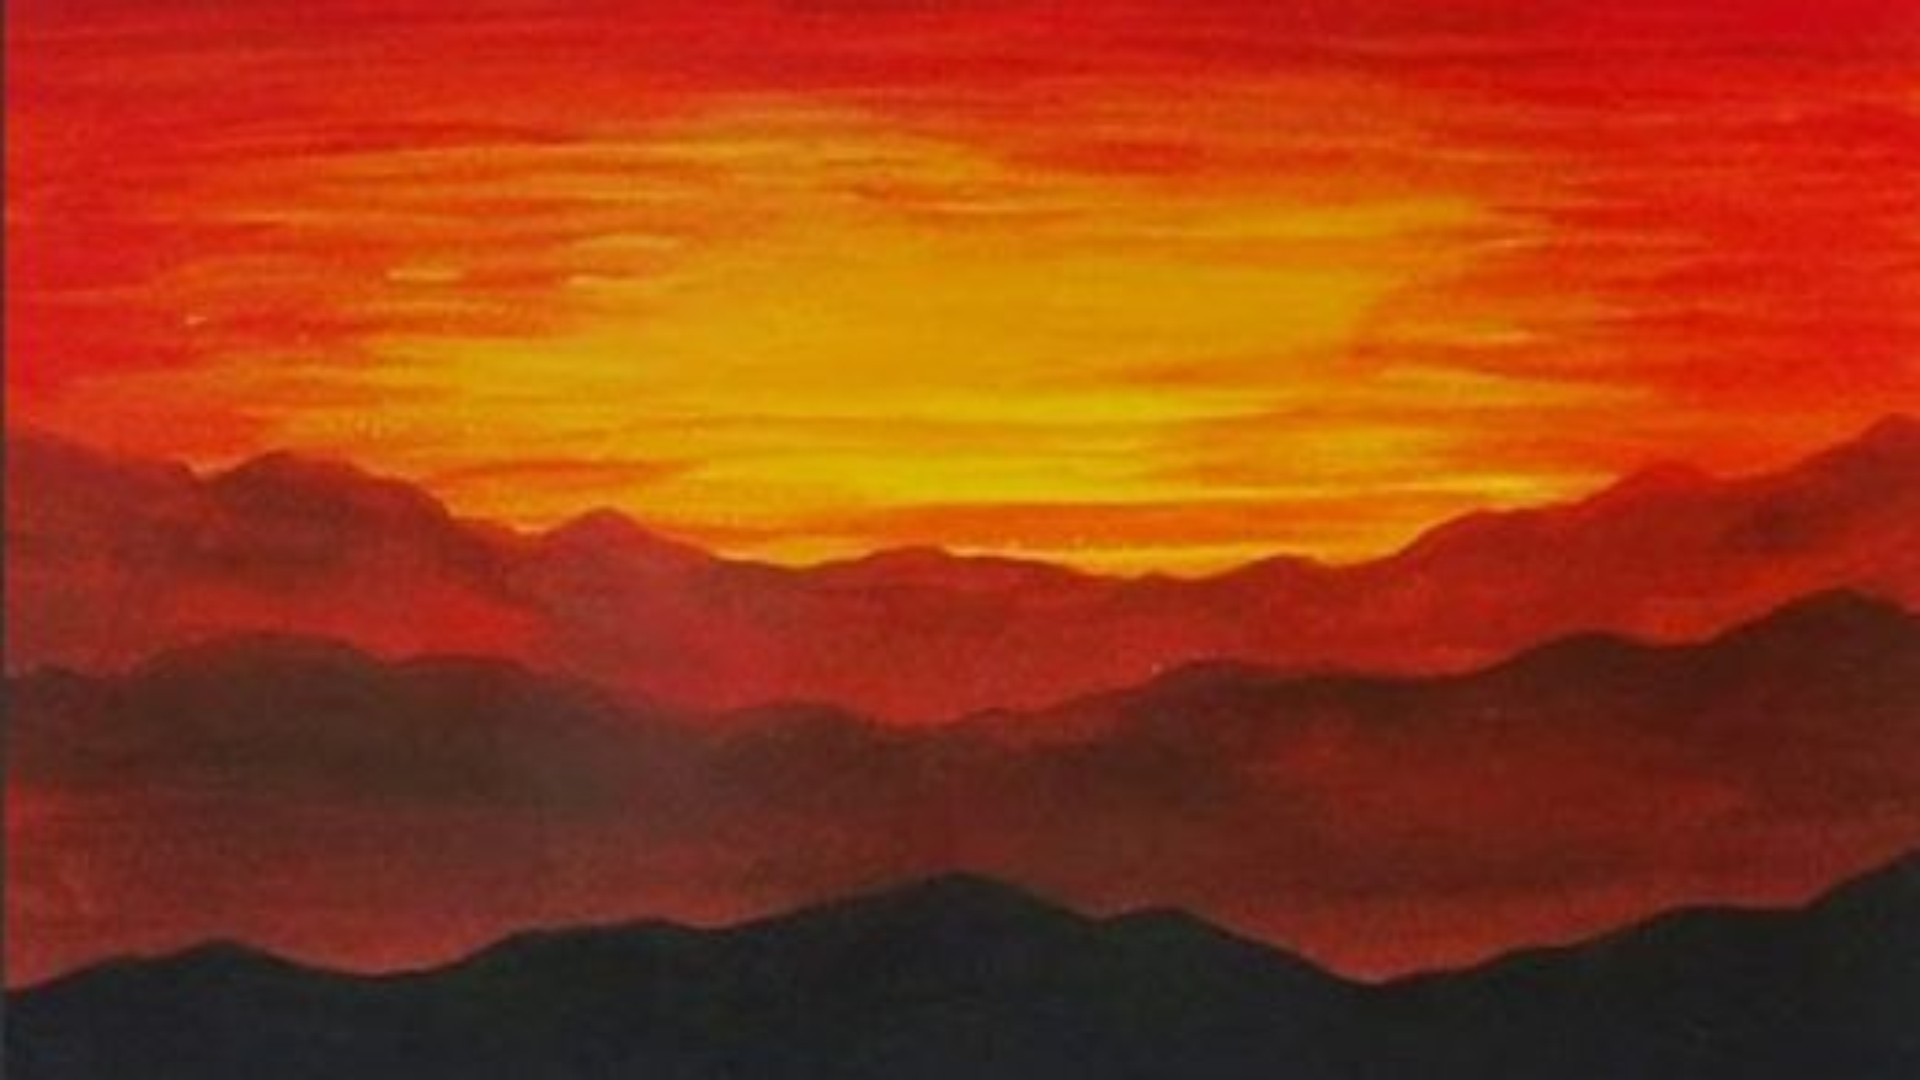 تکنیک نقاشی اکریلیک ؛ آموزش کشیدن غروب خورشید | فیلم